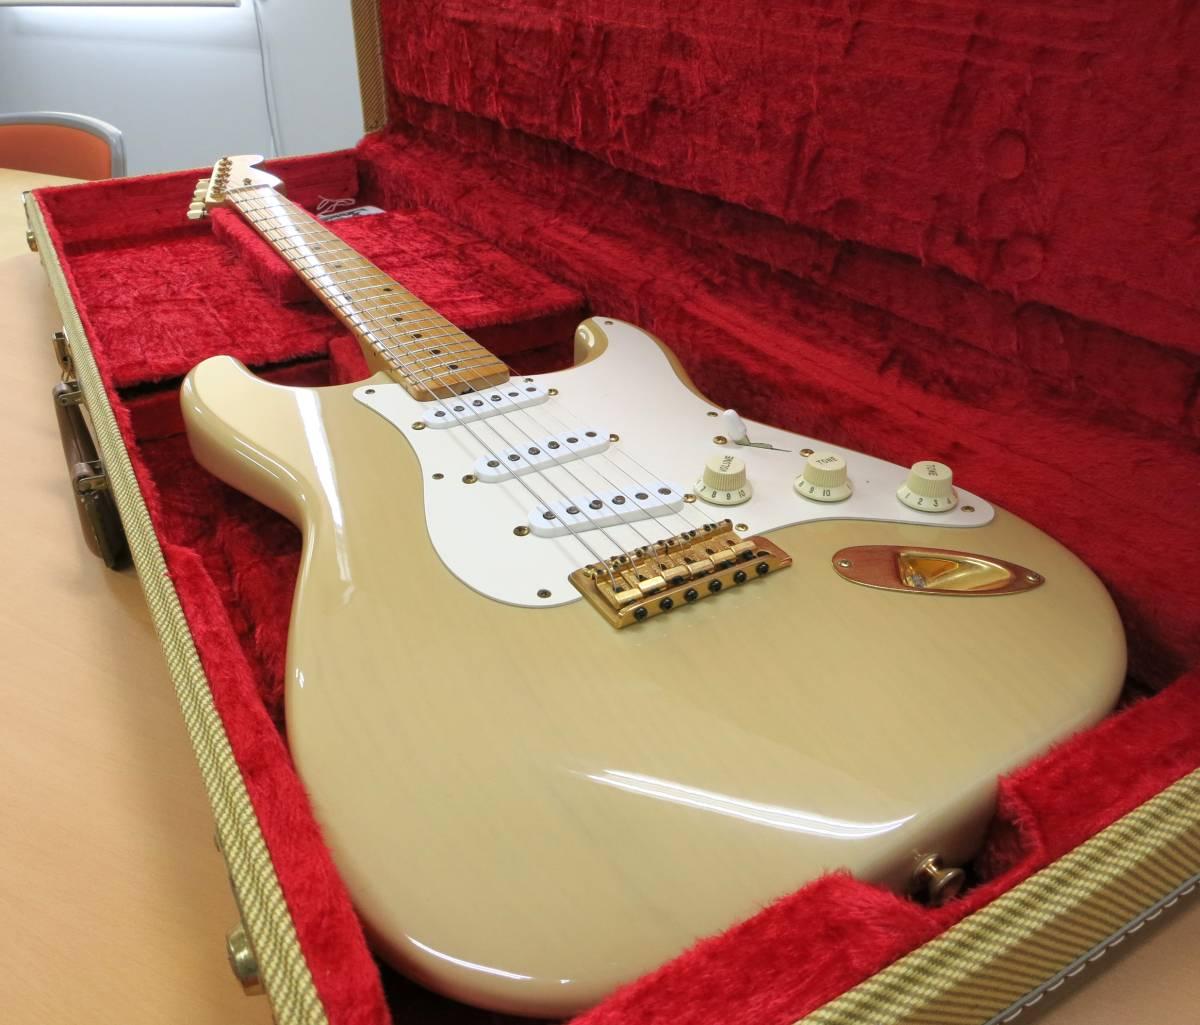 2005年製 Fender Custom Shop製 Stratocaster / Vintage White Blonde【美品】